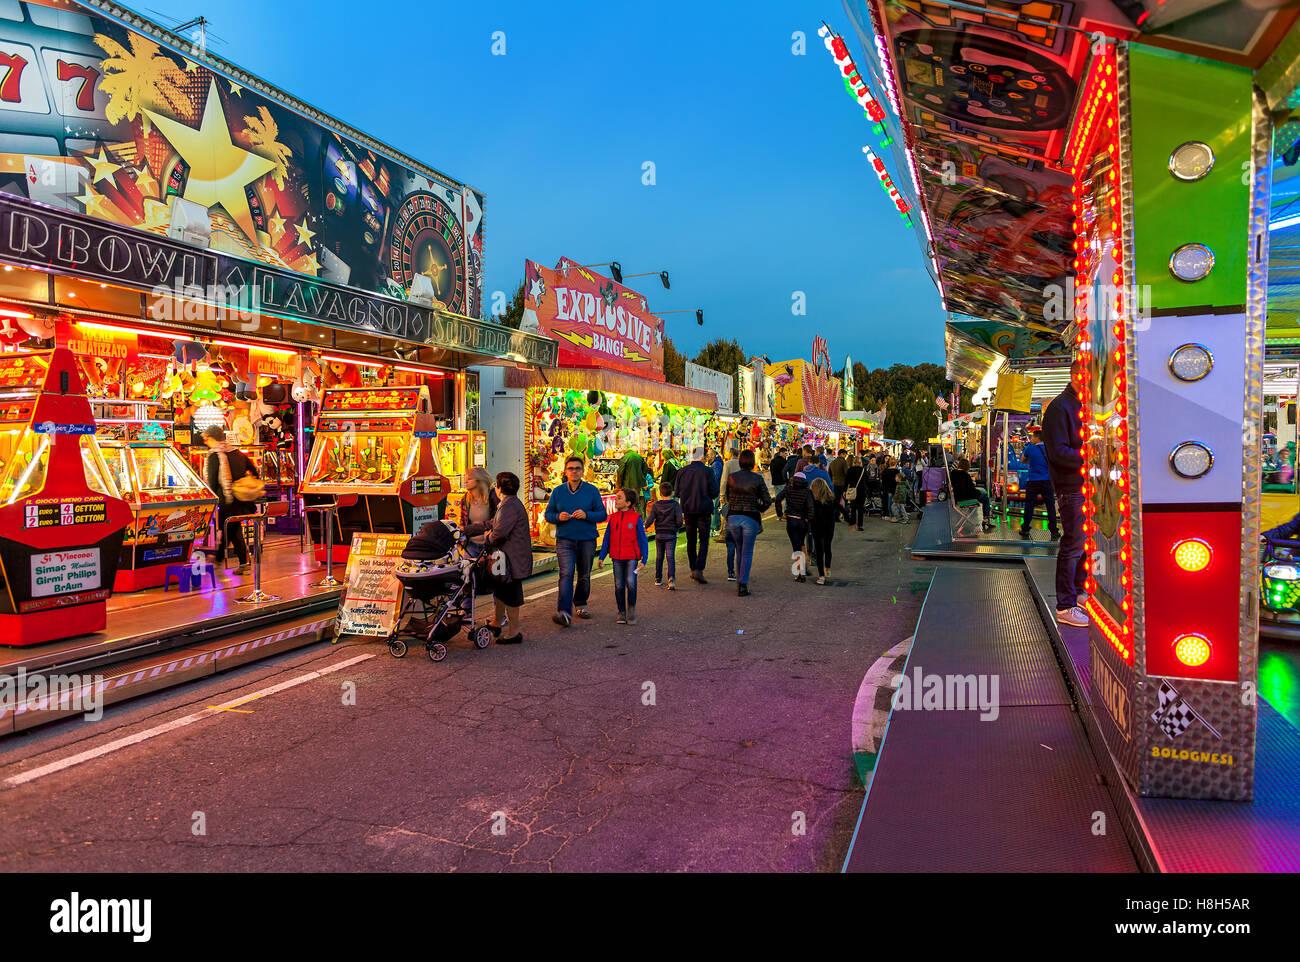 La gente caminando por el iluminado se cala y atracción en el Luna Park, en Alba, Italia. Imagen De Stock